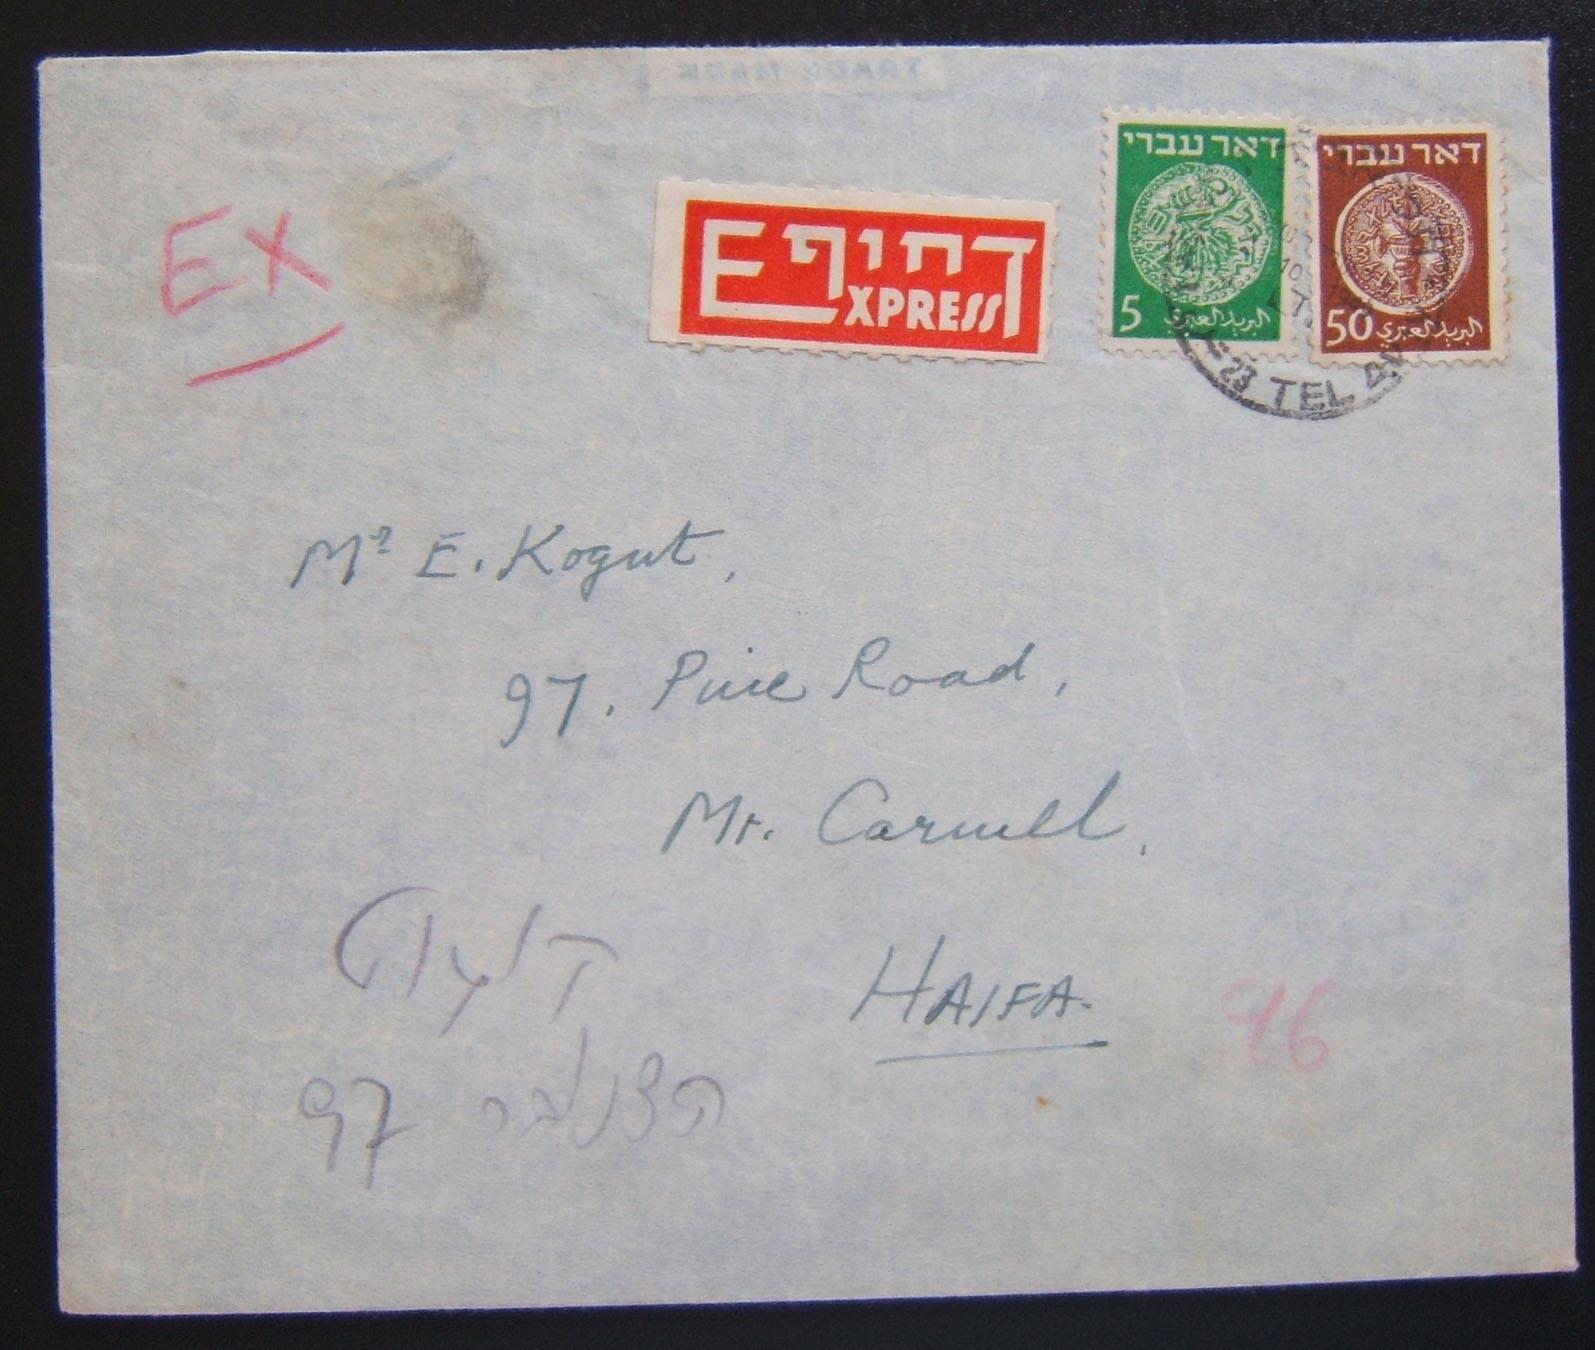 1949 البريد السريع المحلي: 2-10-1949 Express cv ex TLV إلى HAIFA franced 55pr at DO-2 rate rate (15pr letter + 40pr express) using Ba 2/6؛ في b / s العابر والمستلمة 4-10-1949 - د